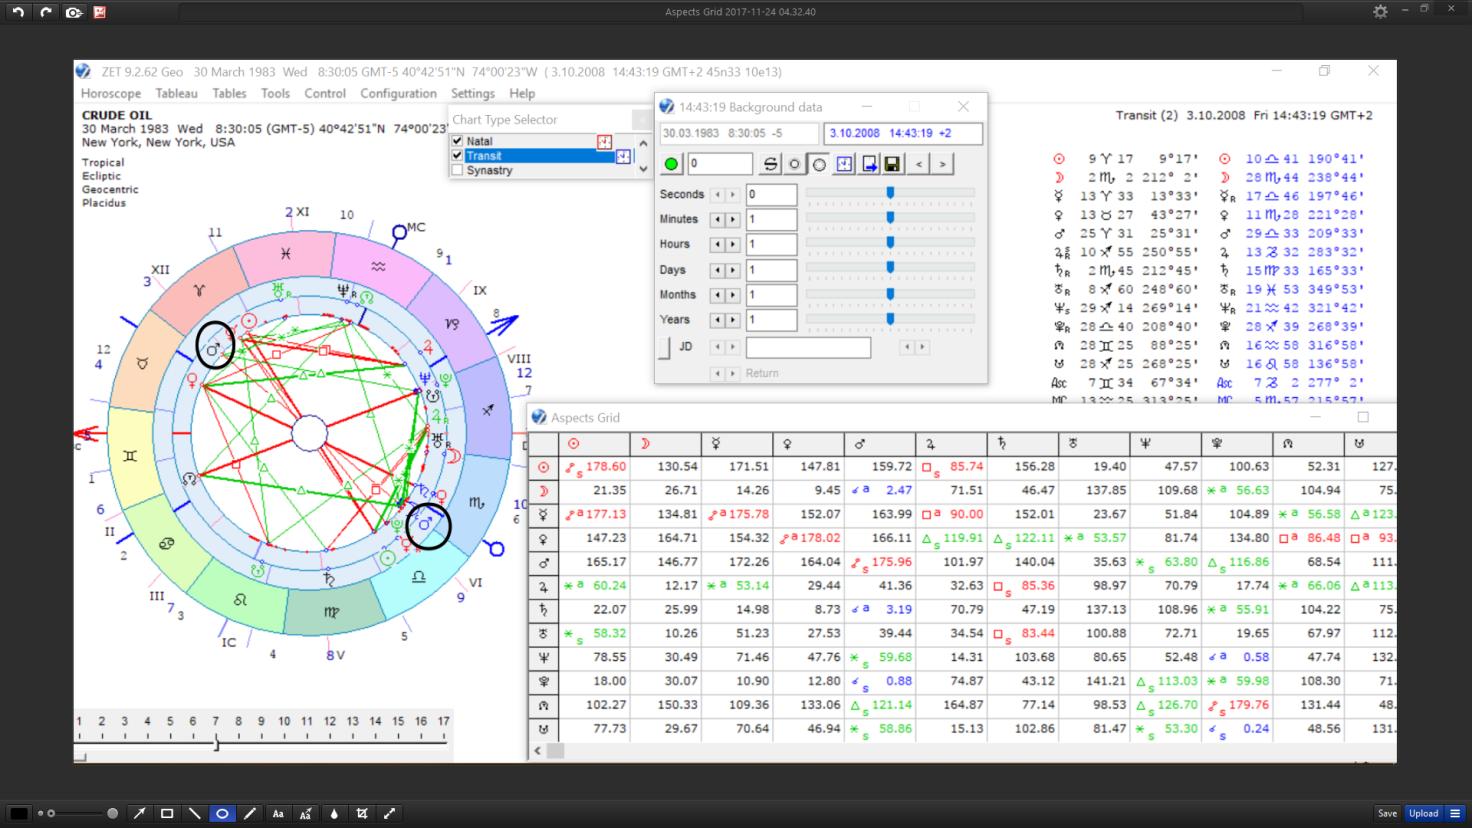 previsione-petrolio-greggio-astrologia-finanziaria-gann